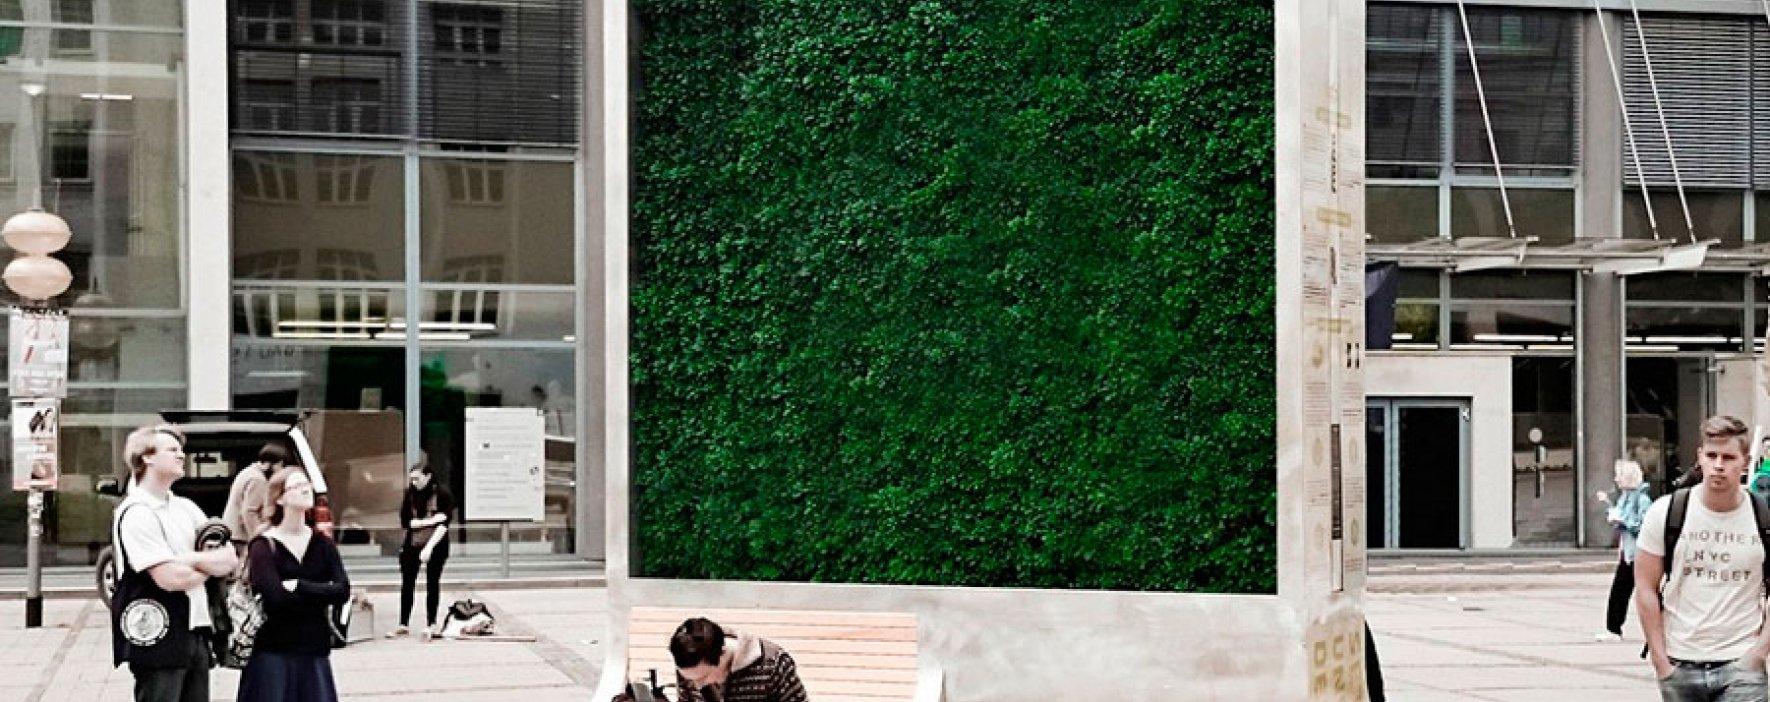 CityTree, el árbol artificial que absorbe la contaminación del aire